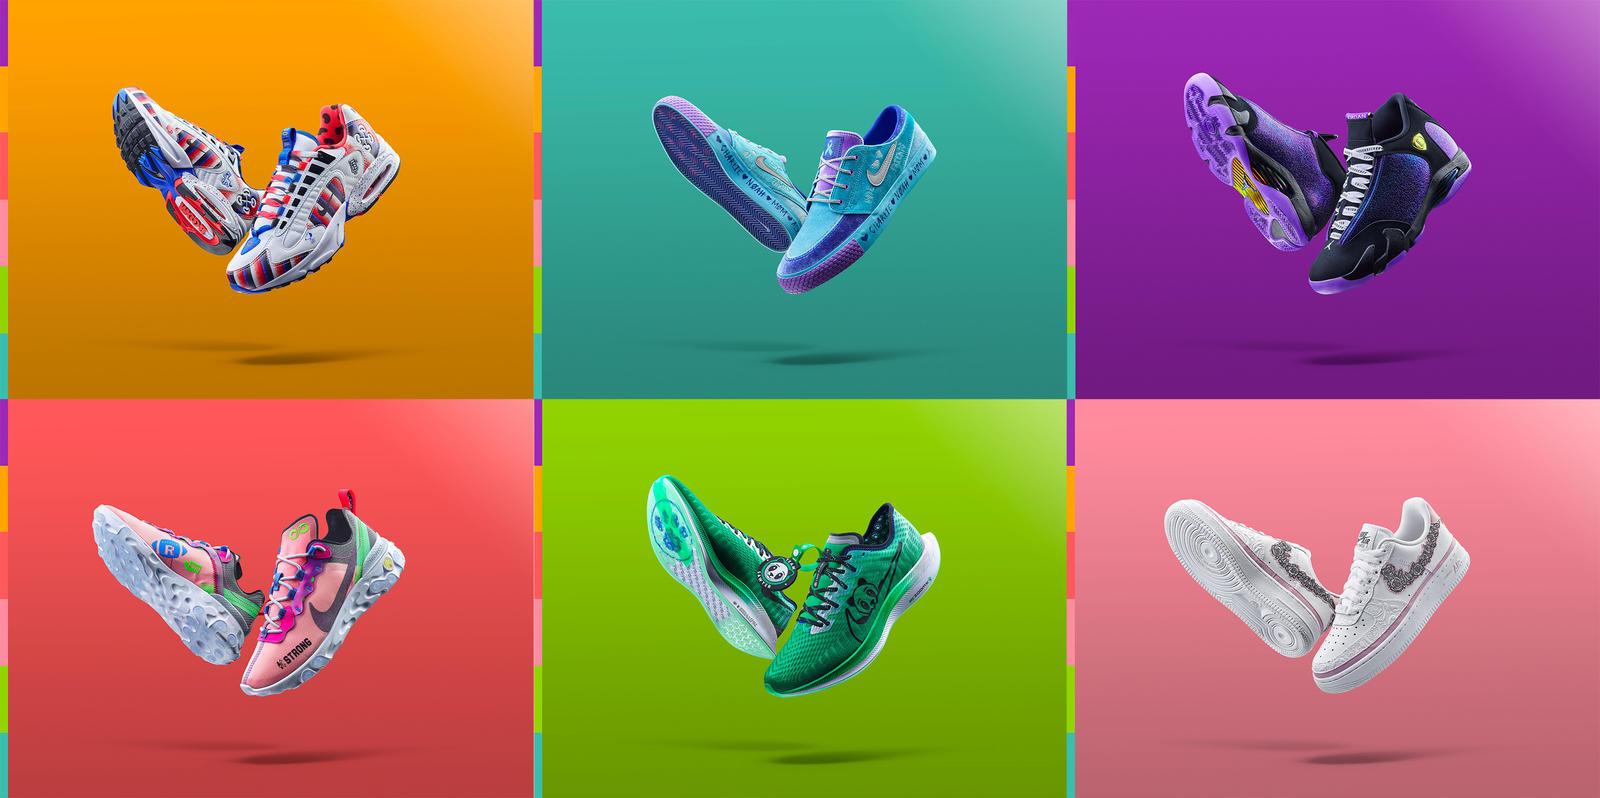 Marka Nike stworzyła 6 par butów inspirowanych przewlekłymi